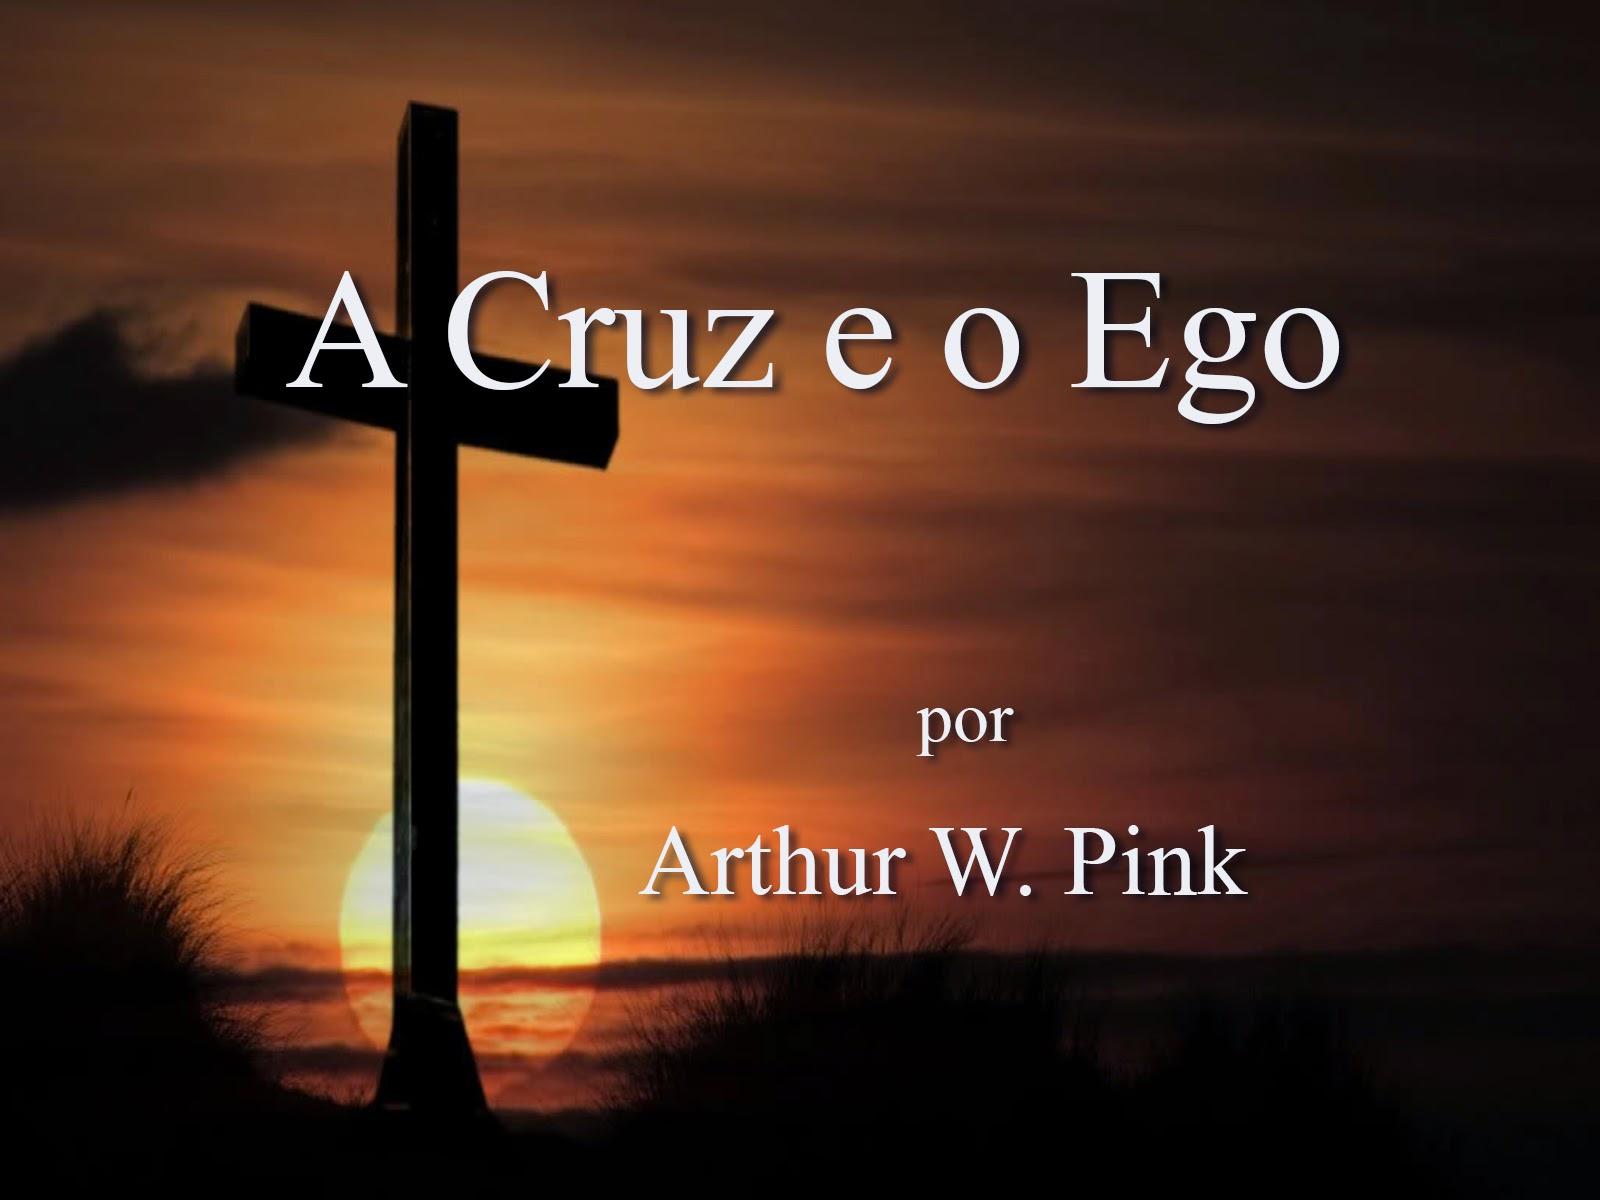 A Cruz e o Ego - Arthur W. Pink